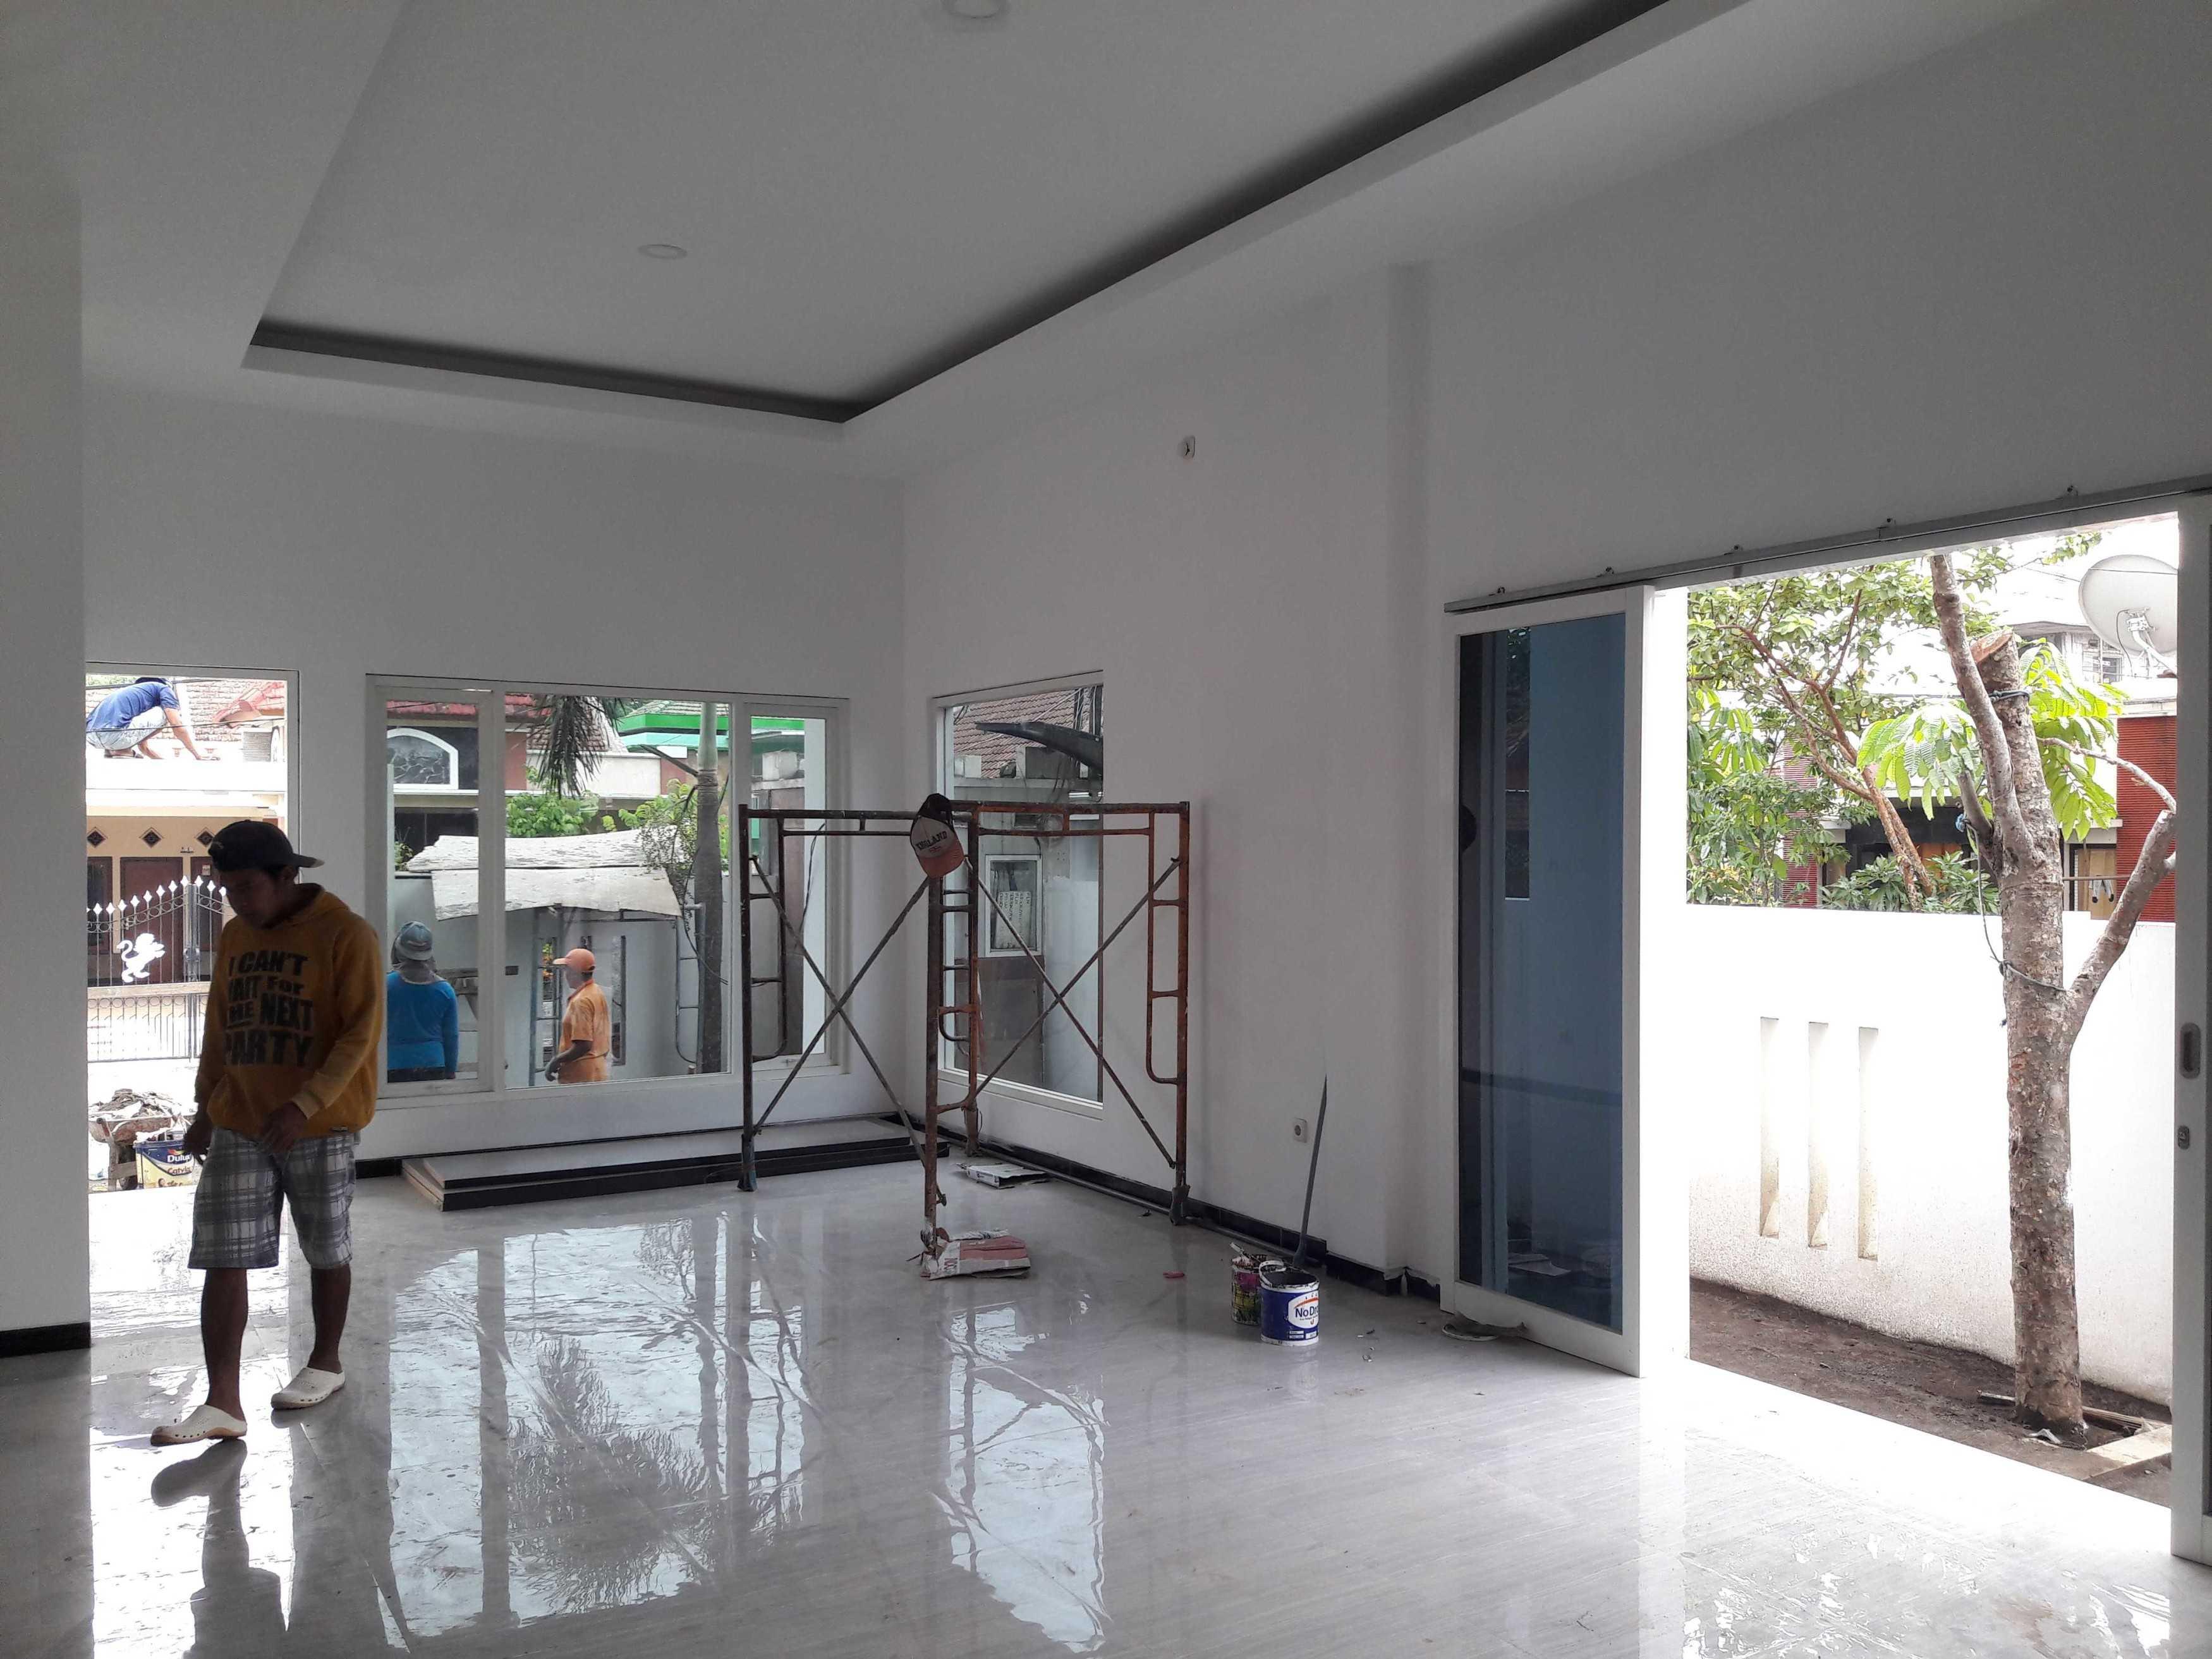 Metom Design Rumah Ibu Dian Y Malang, Kota Malang, Jawa Timur, Indonesia Malang, Kota Malang, Jawa Timur, Indonesia Metom-Design-Interior-Ibu-Dian-Y   106295